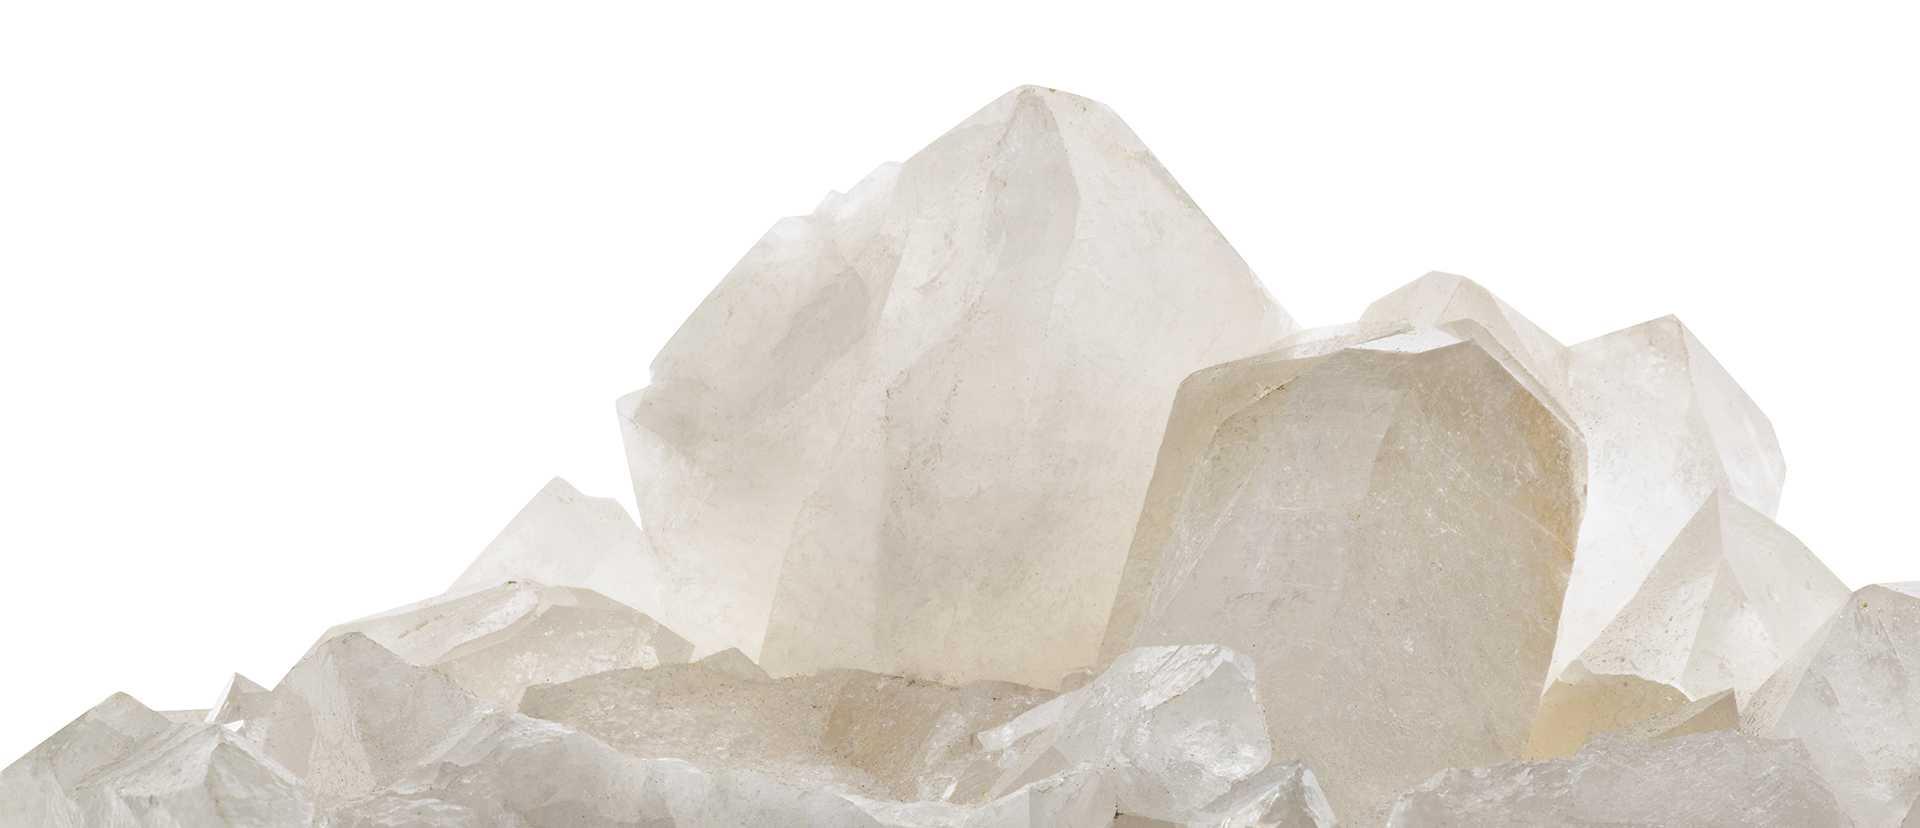 divers cristaux de roche